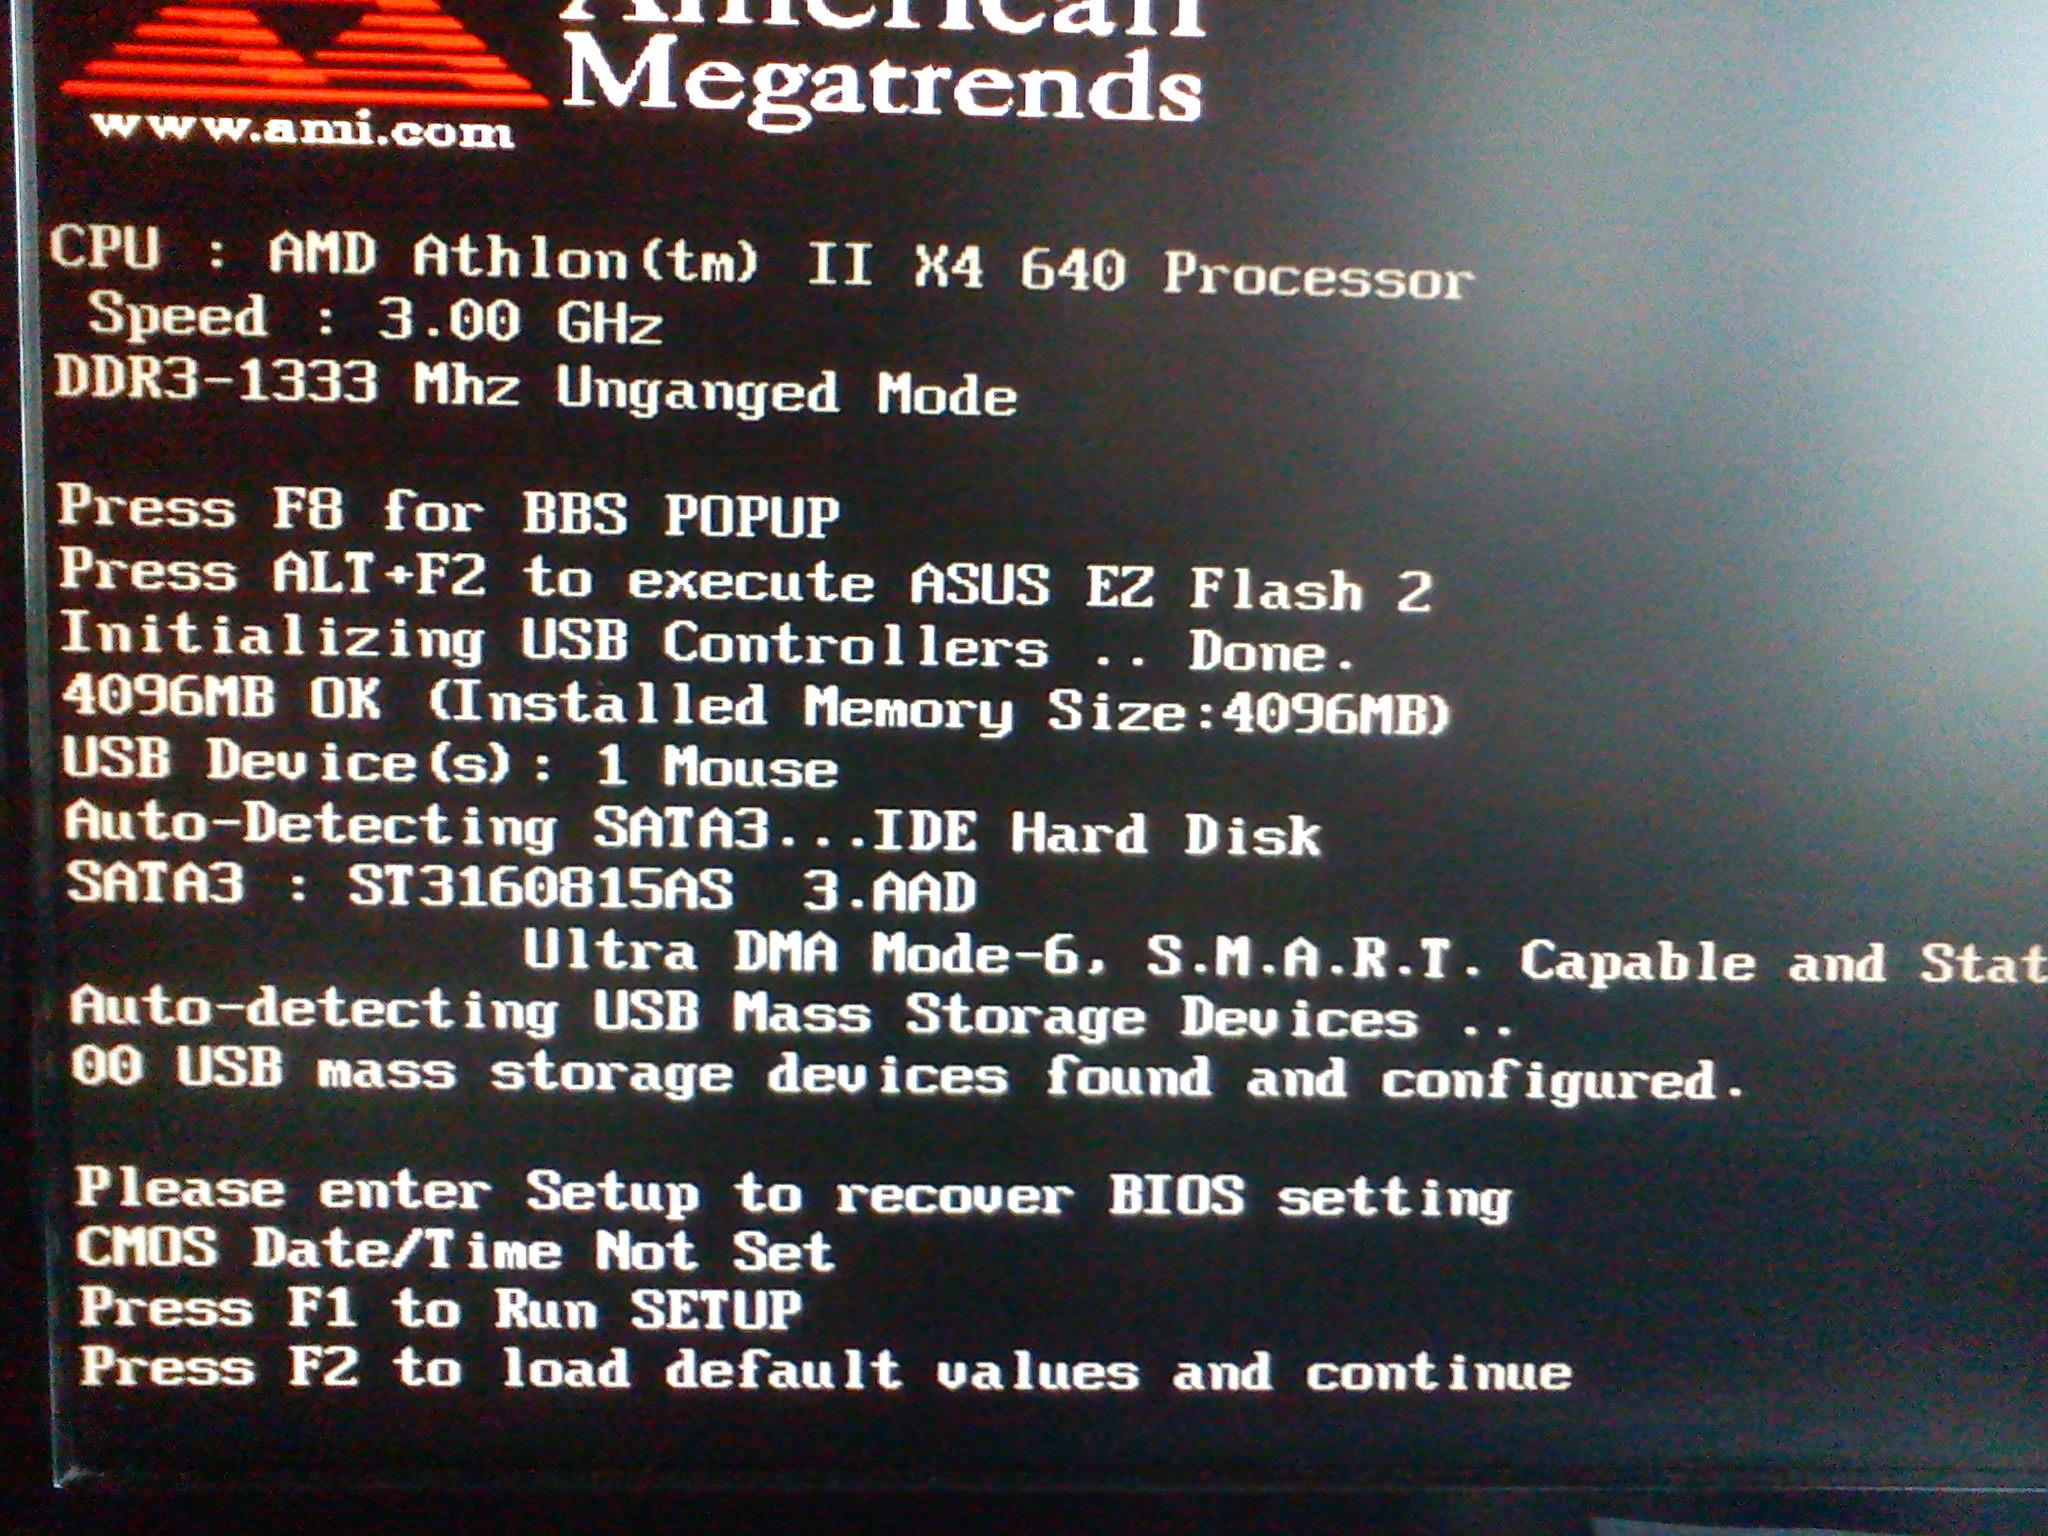 Komputer nie widzi CD-ROM